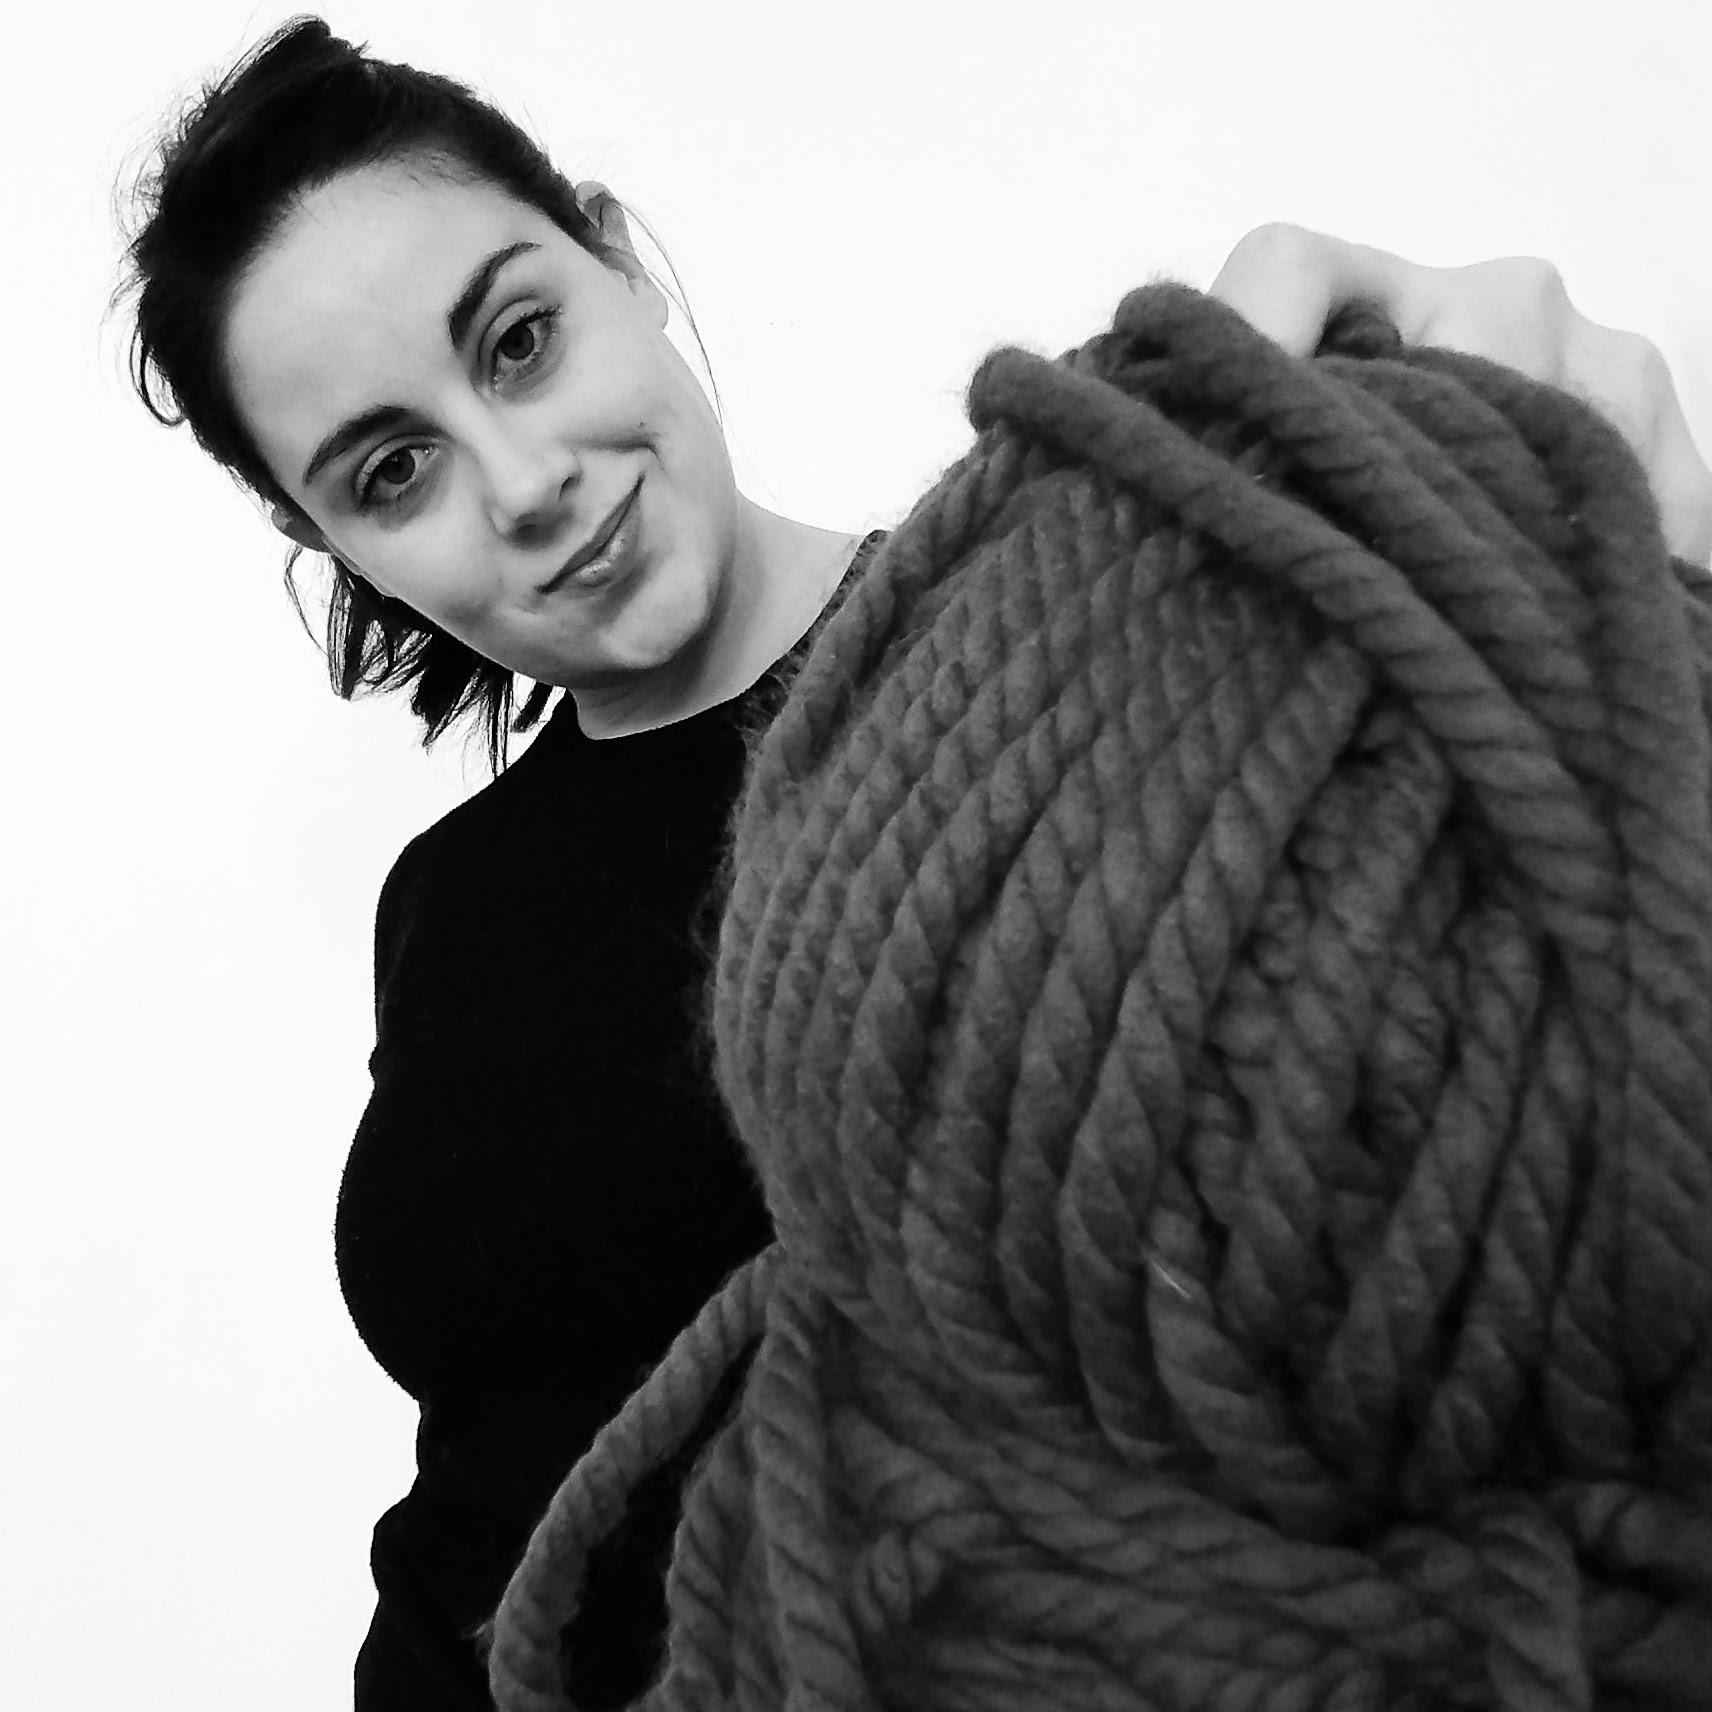 big ball of yarn portrait of a girl